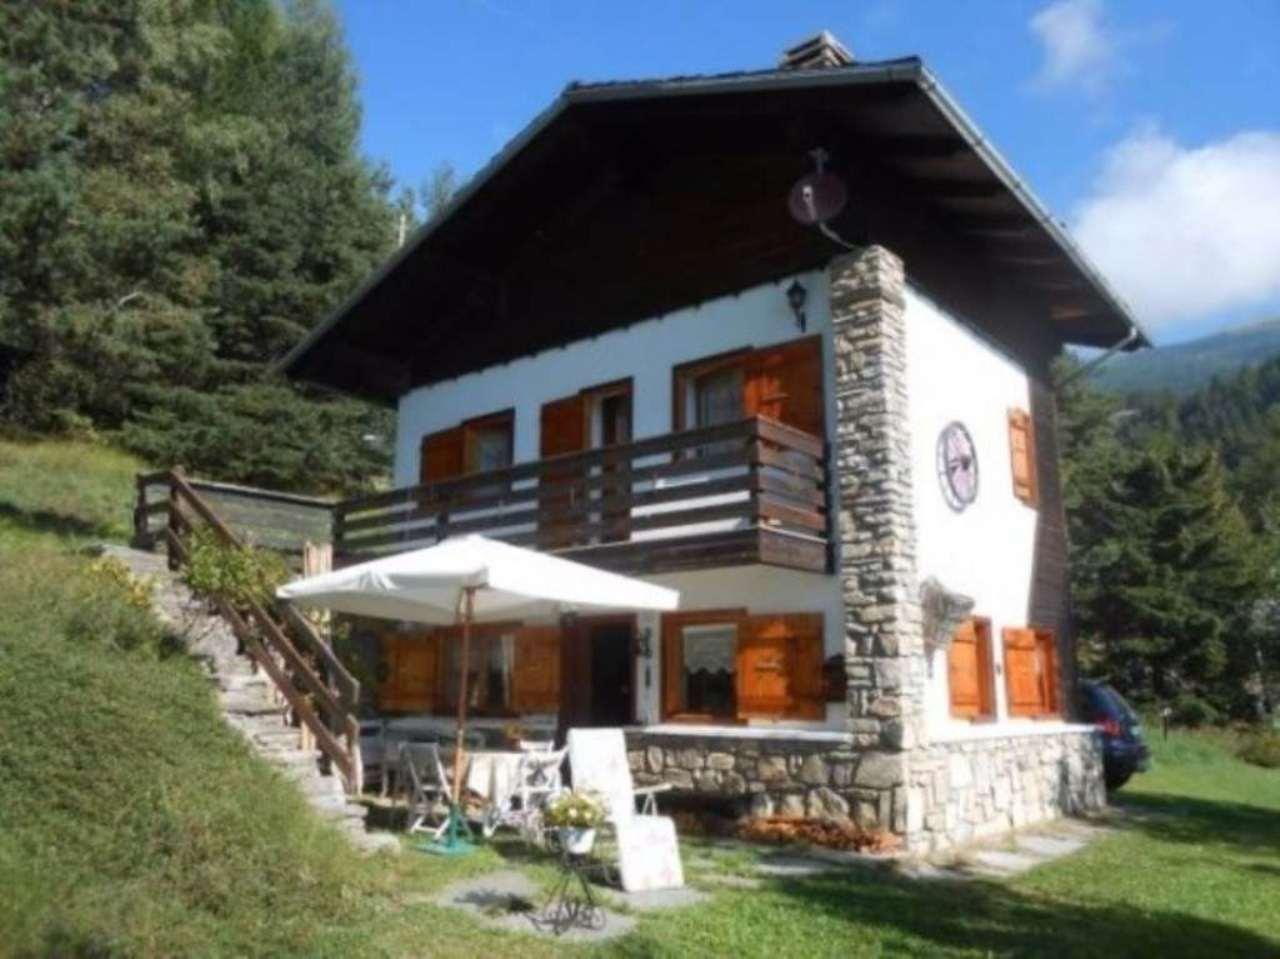 Villa in vendita a Saint-Nicolas, 5 locali, prezzo € 265.000 | CambioCasa.it